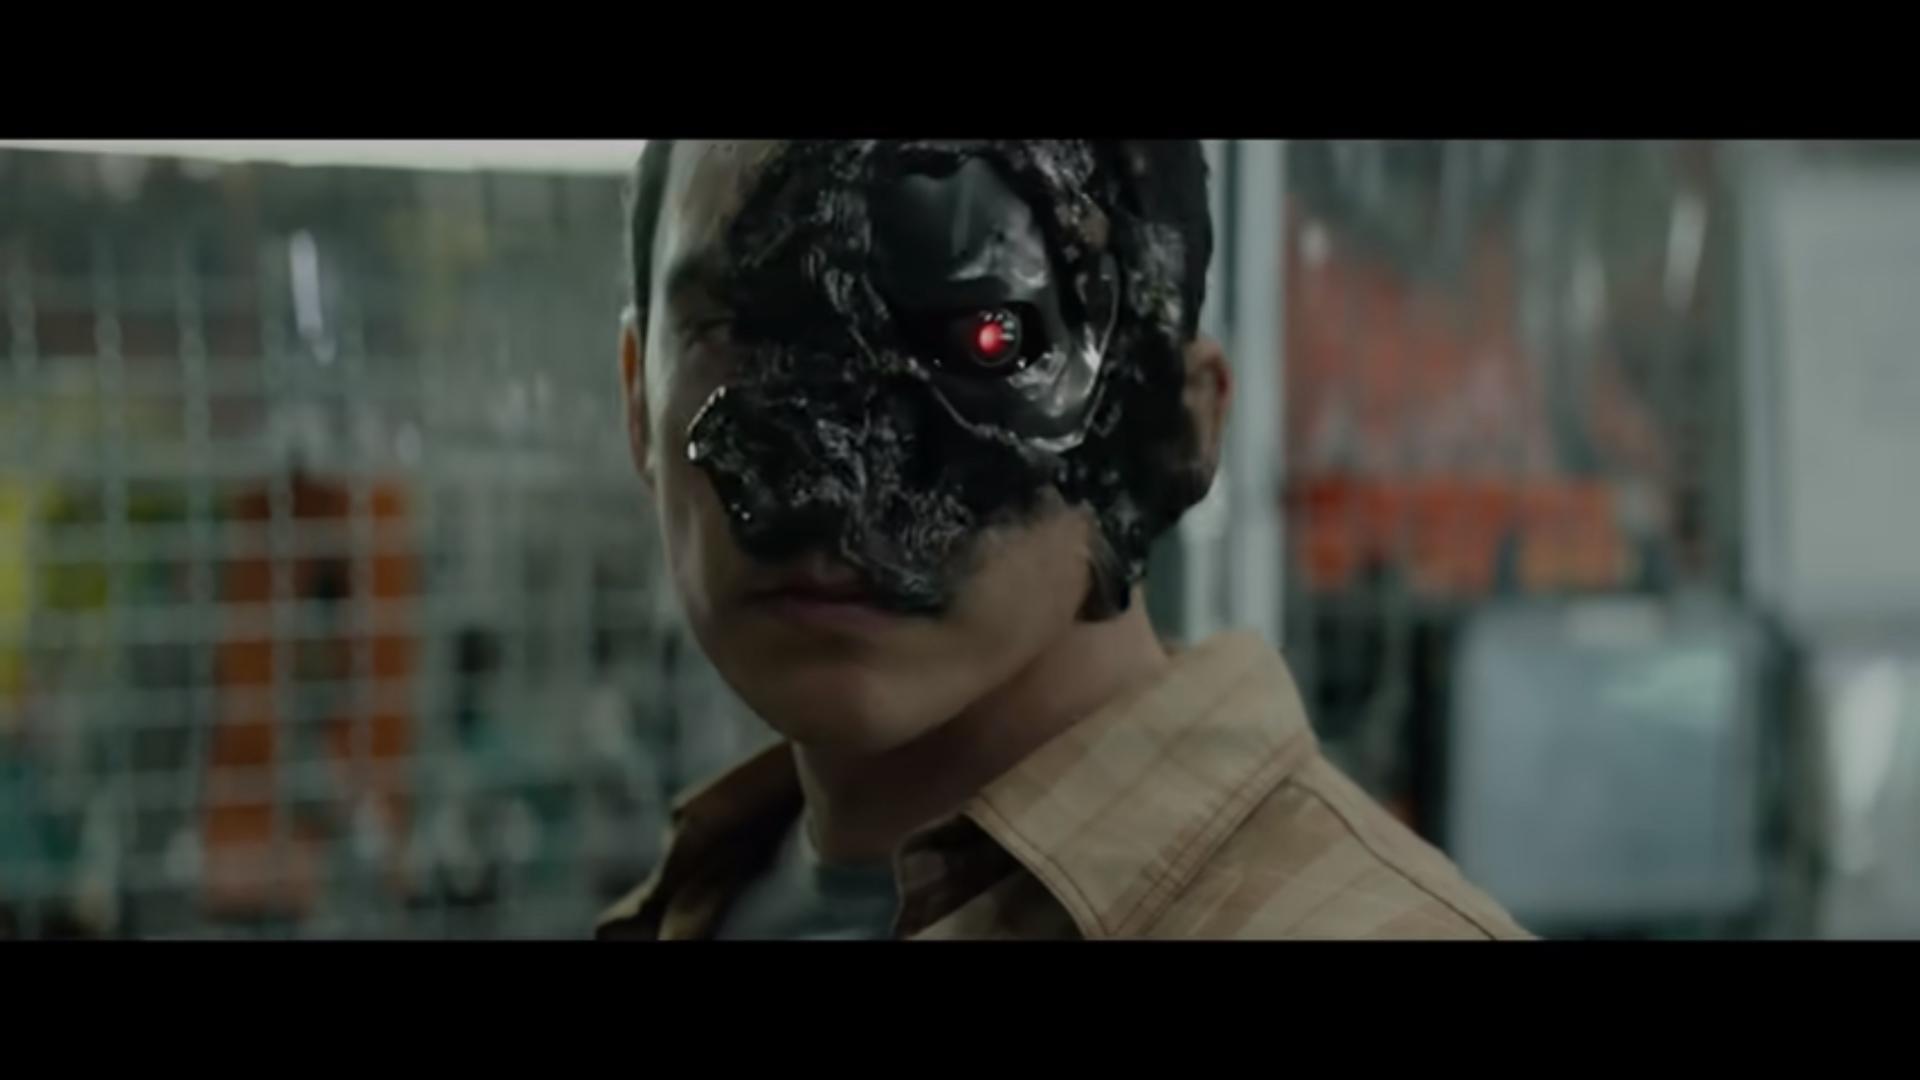 Промо-ролик фильма Терминатор: Темные судьбы уже доступен всети